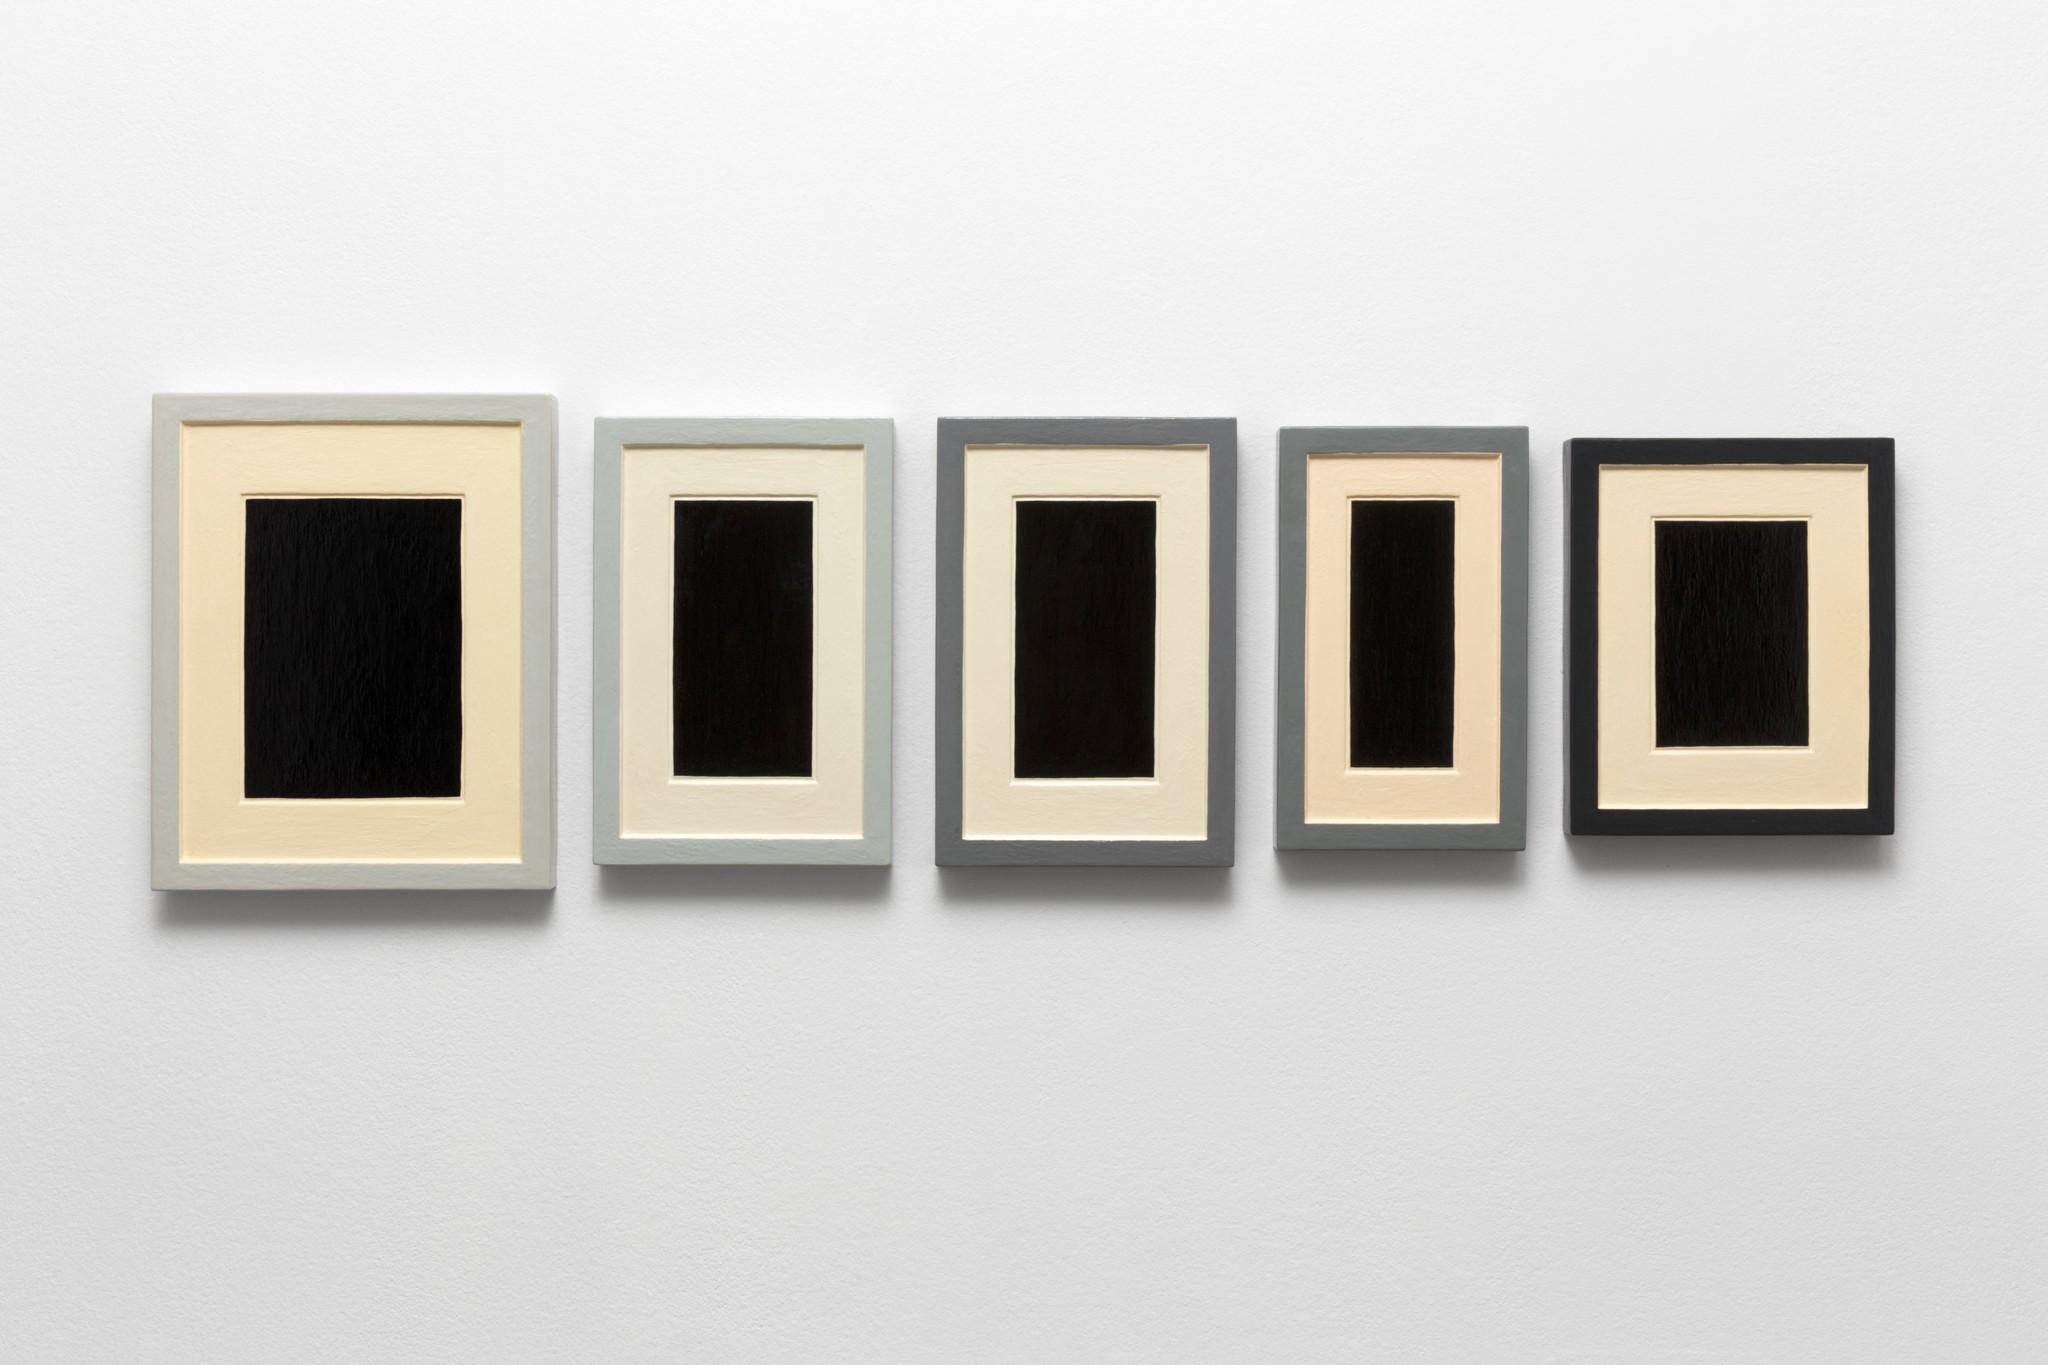 Allan McCollum - Collection of Five Plaster Surrogates